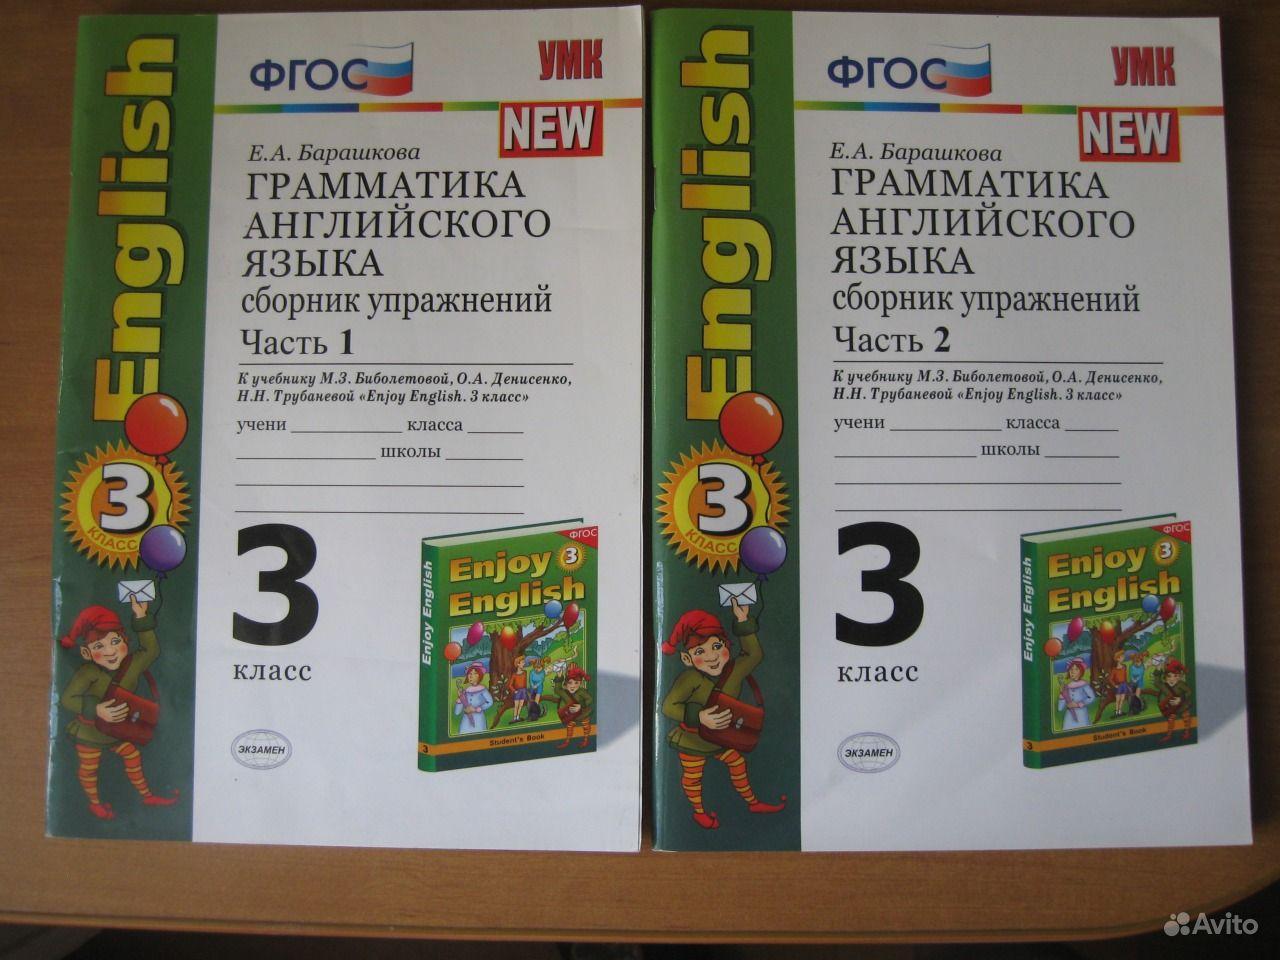 Гдз По Английскому Языку 3 Класс 1 Часть Грамматика Ответы